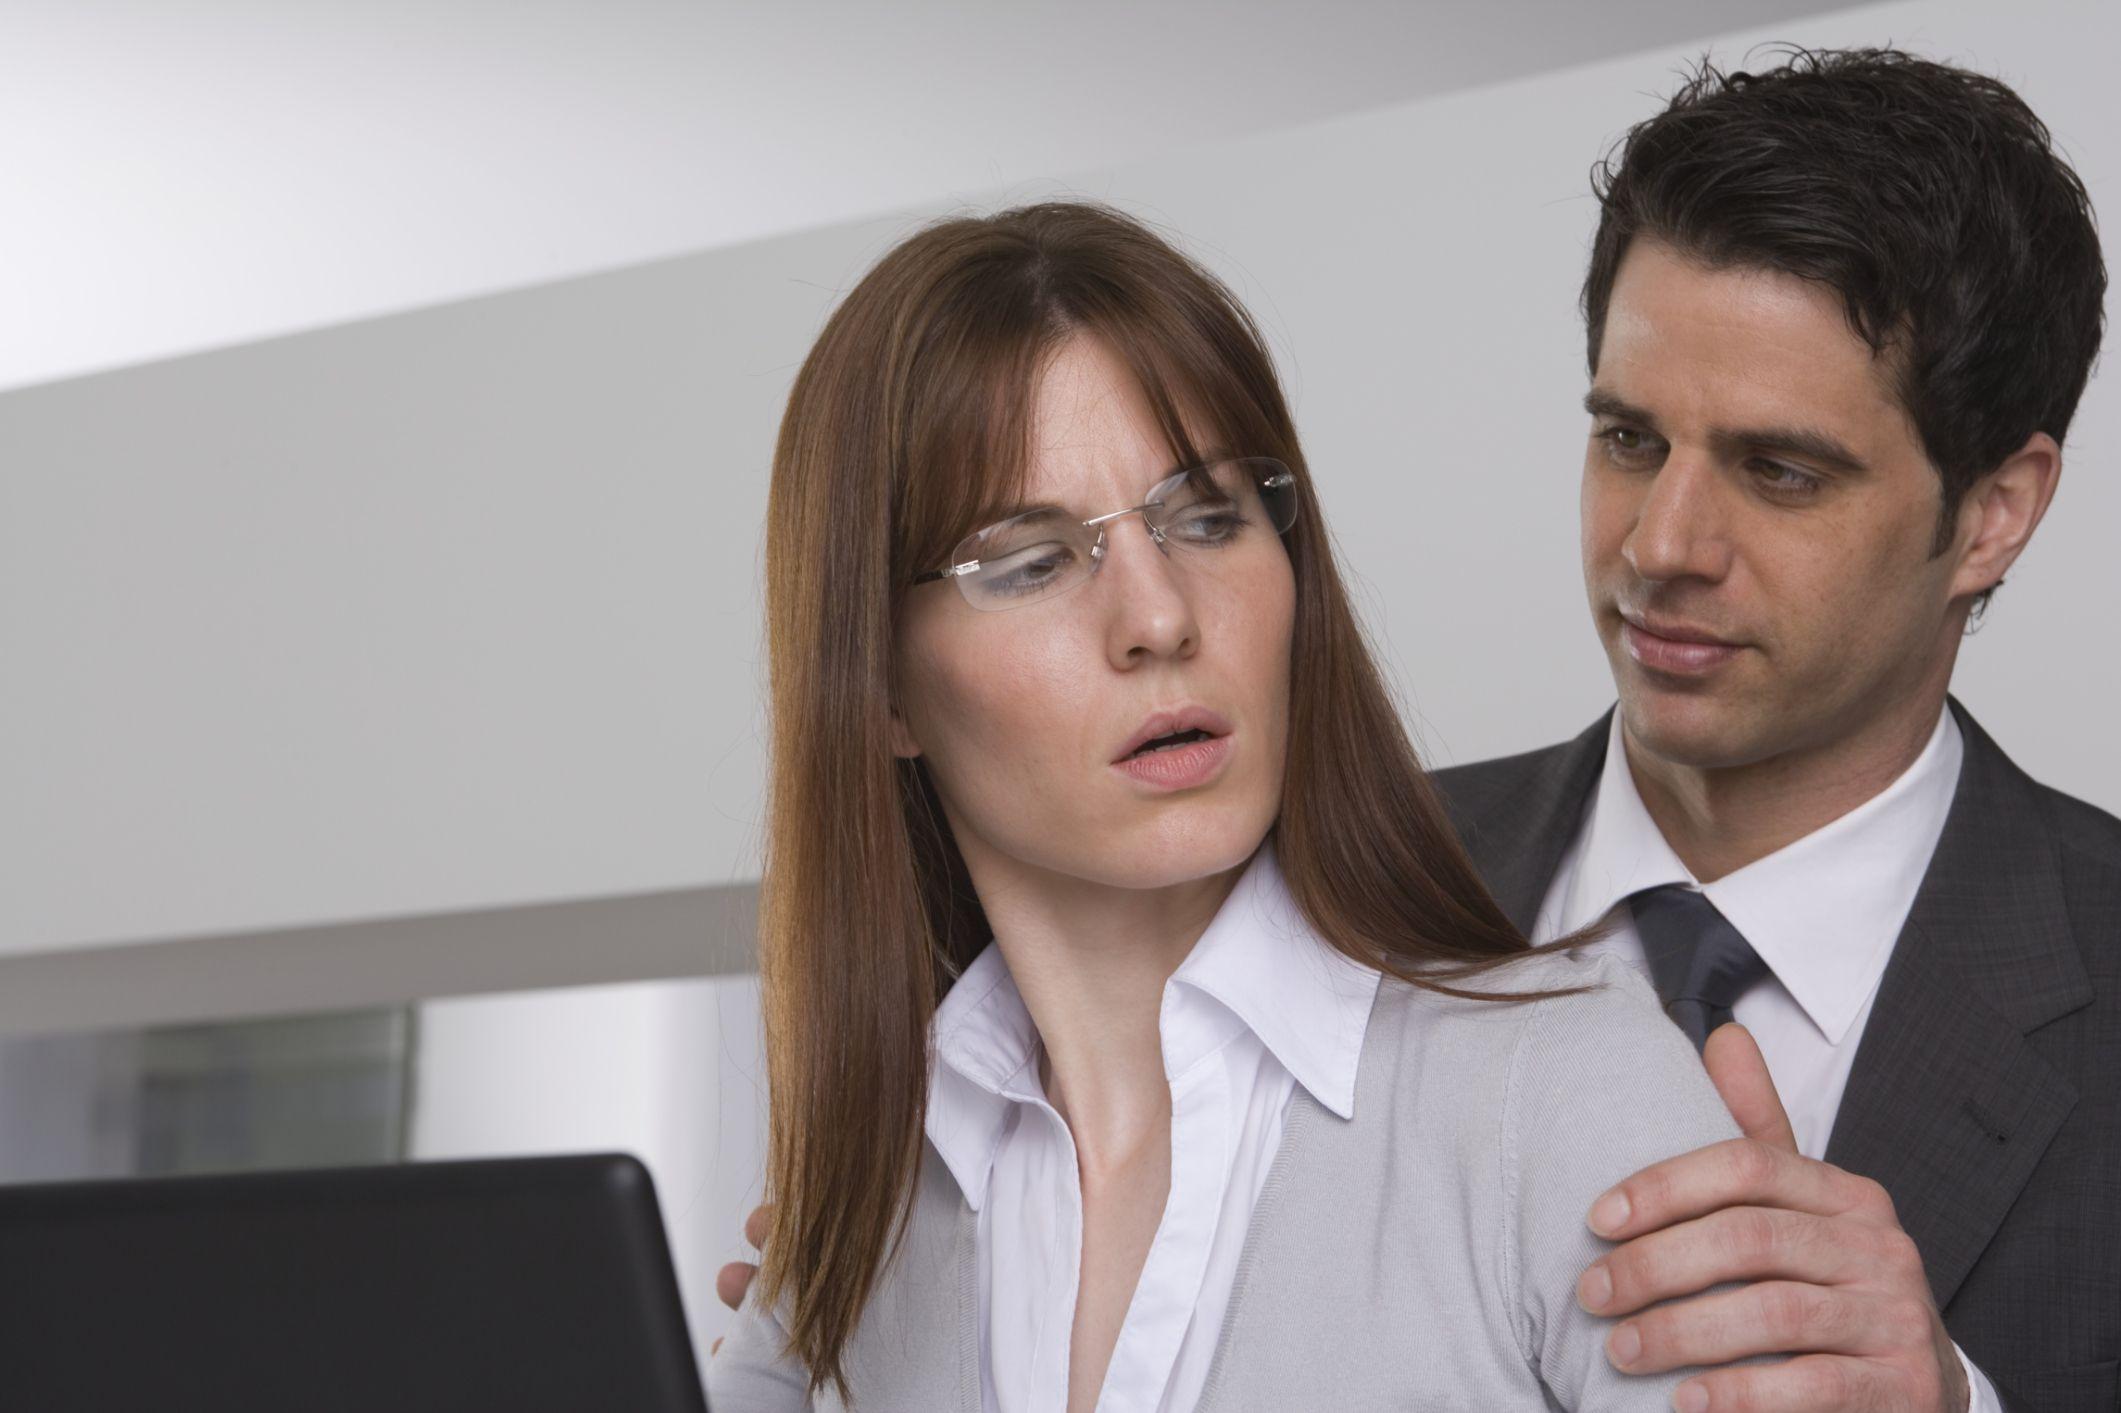 Imagem de Abaixo-assinado pede que Siri e Alexa reajam a assédios sexuais e abusos no tecmundo